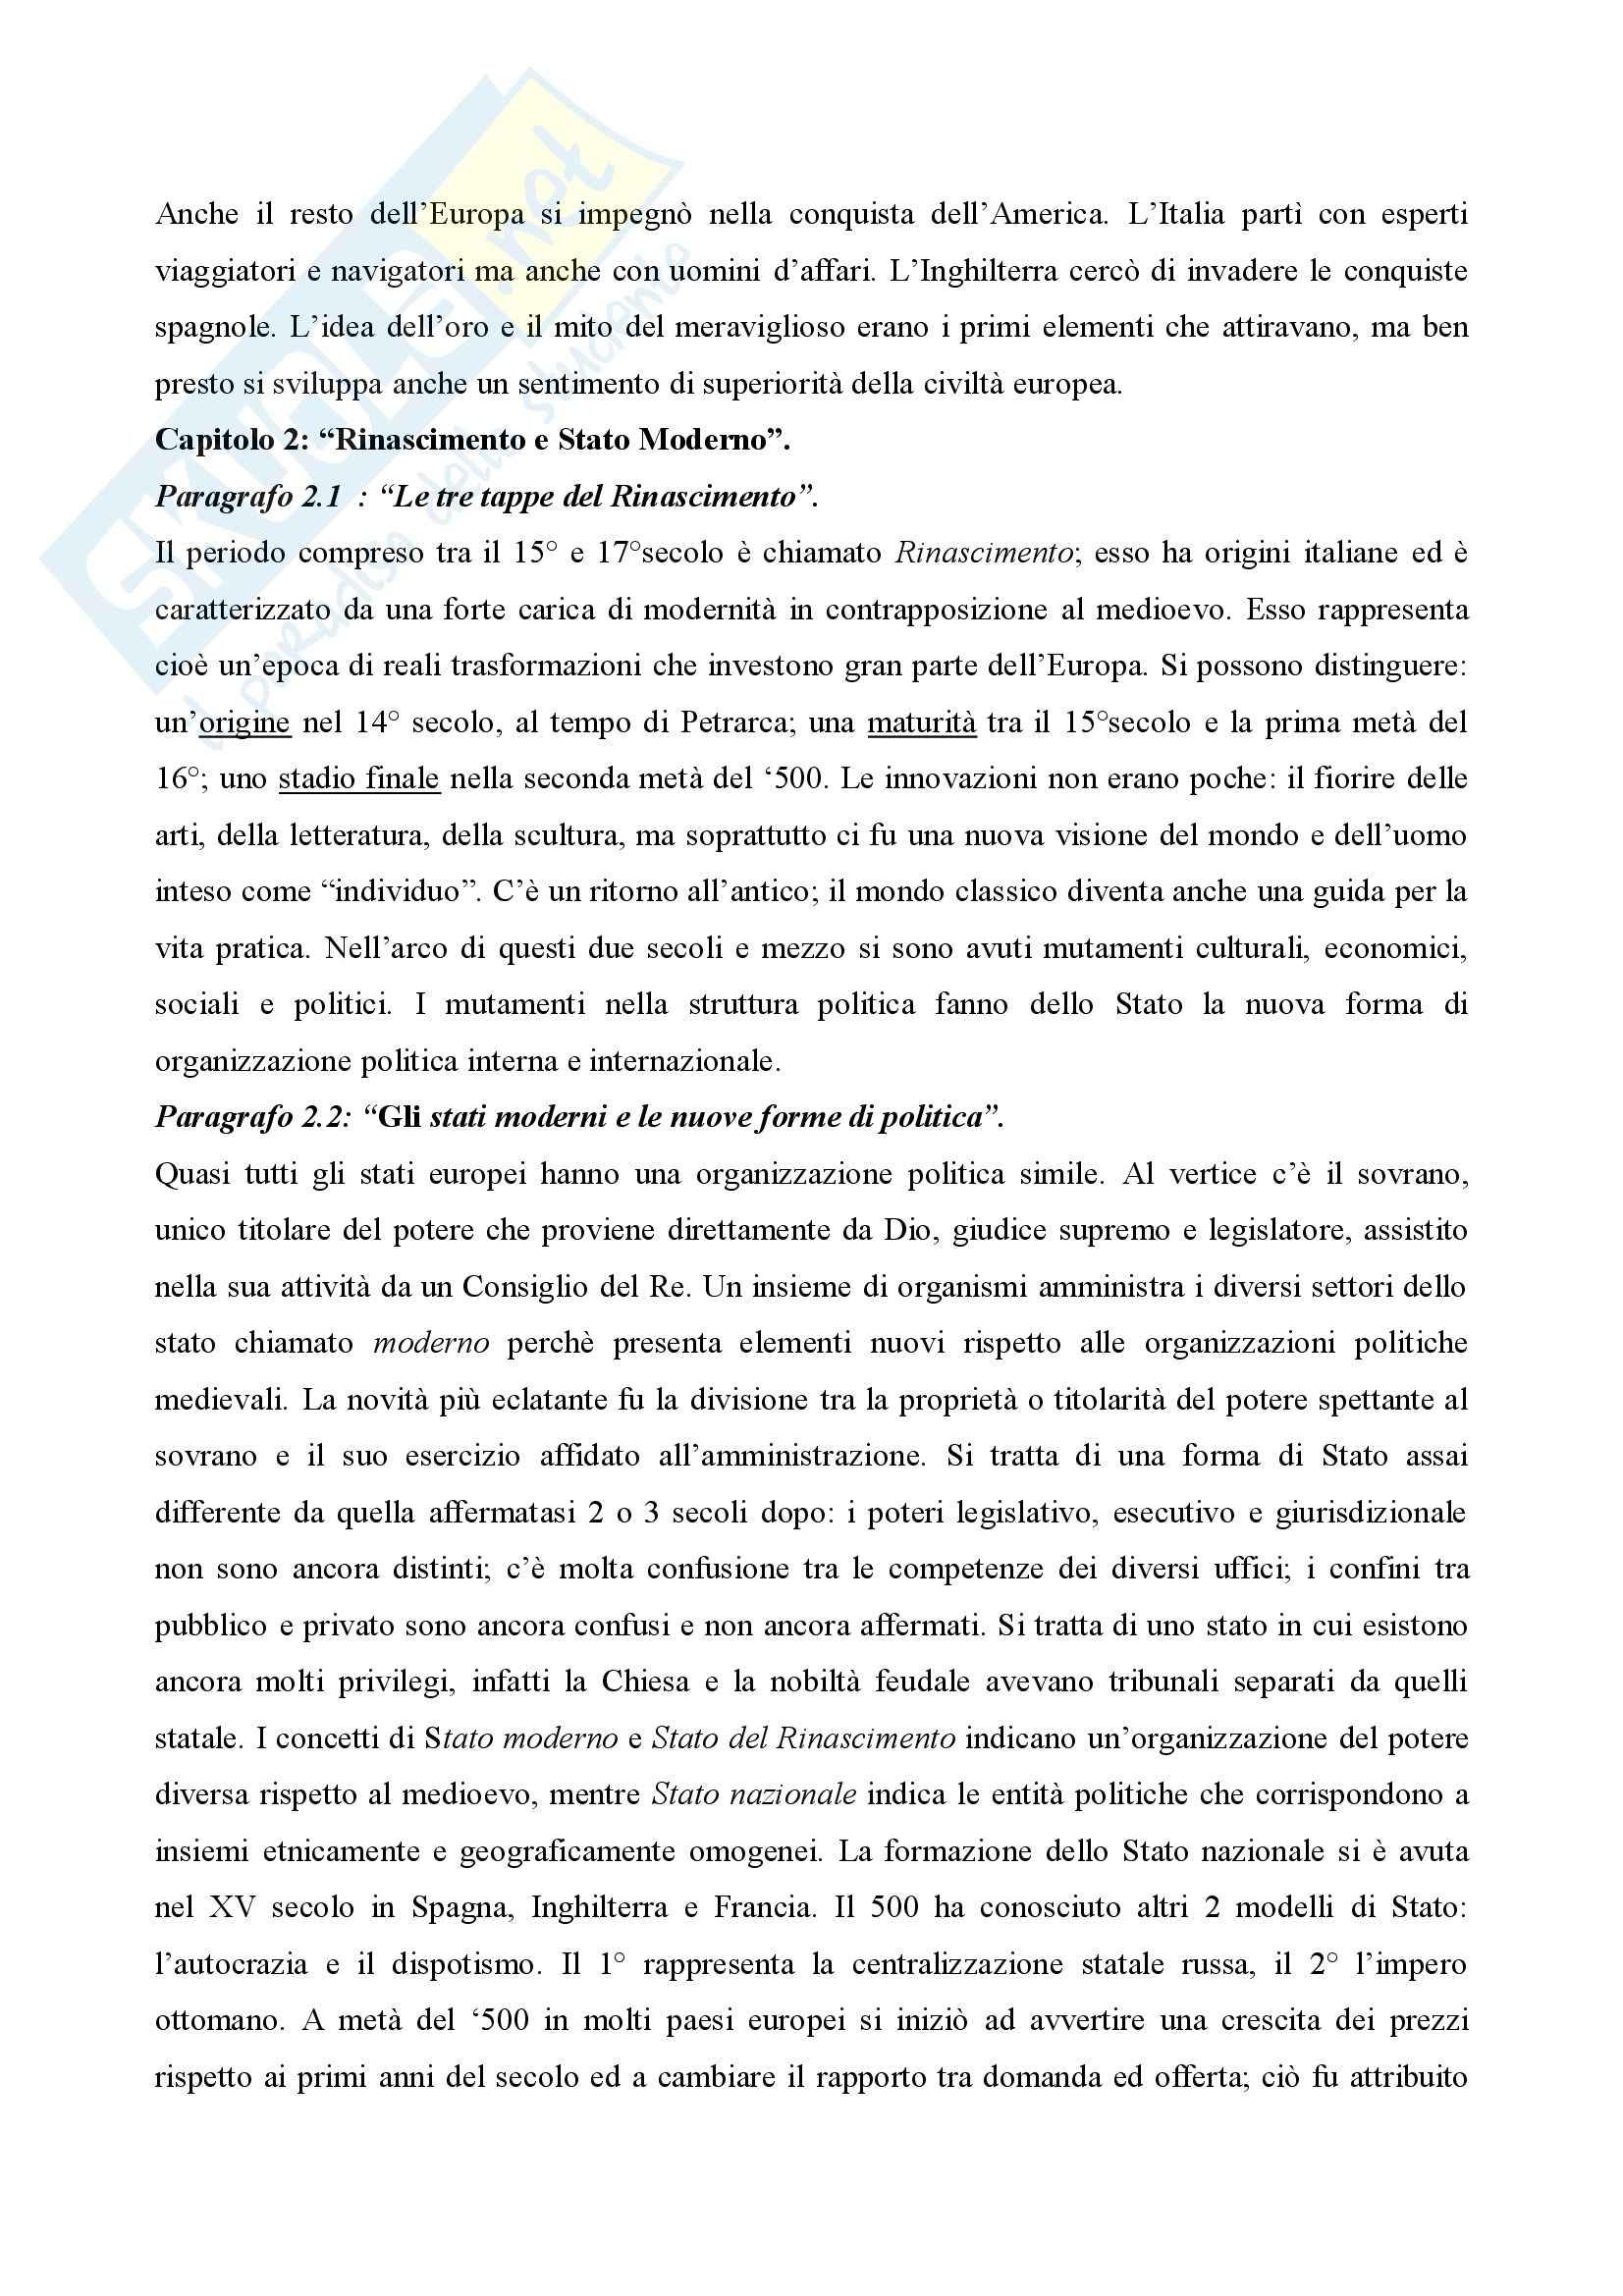 Storia moderna - Riassunto esame Pag. 6